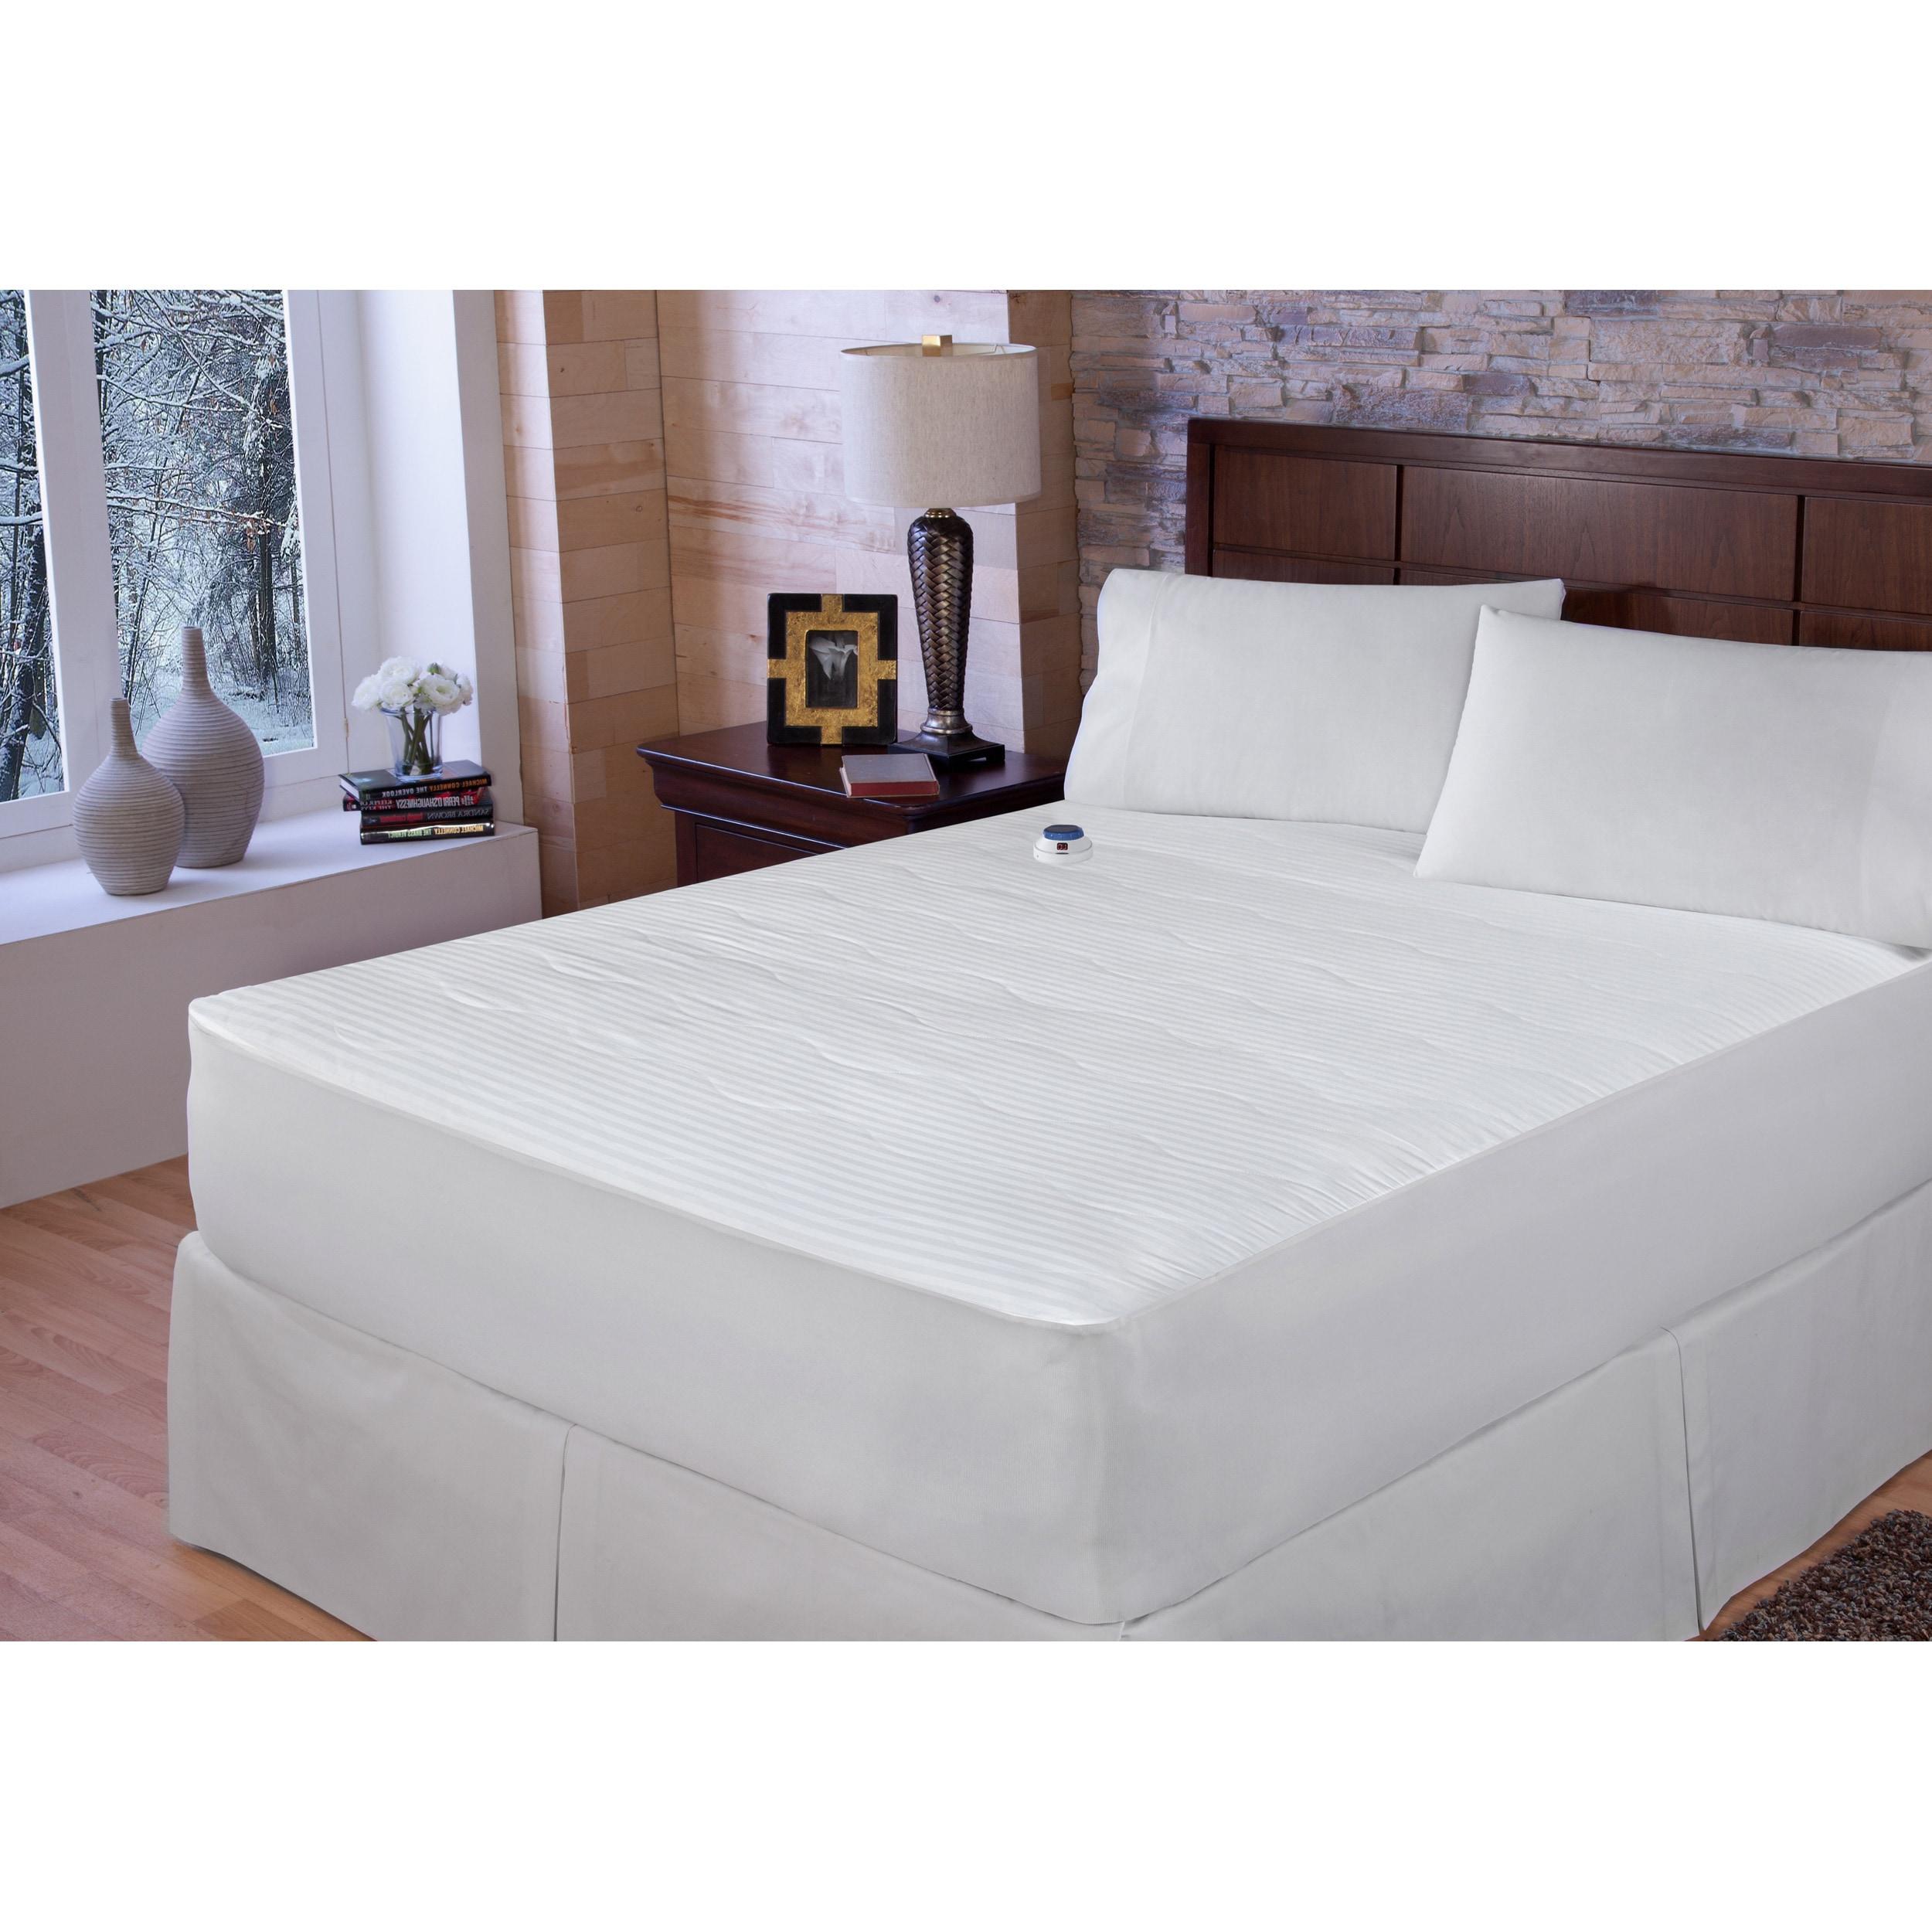 top on sleeper reviews shop restonic pillow pillowtop mattresses mattress serta largo deals sale full set vista perfect